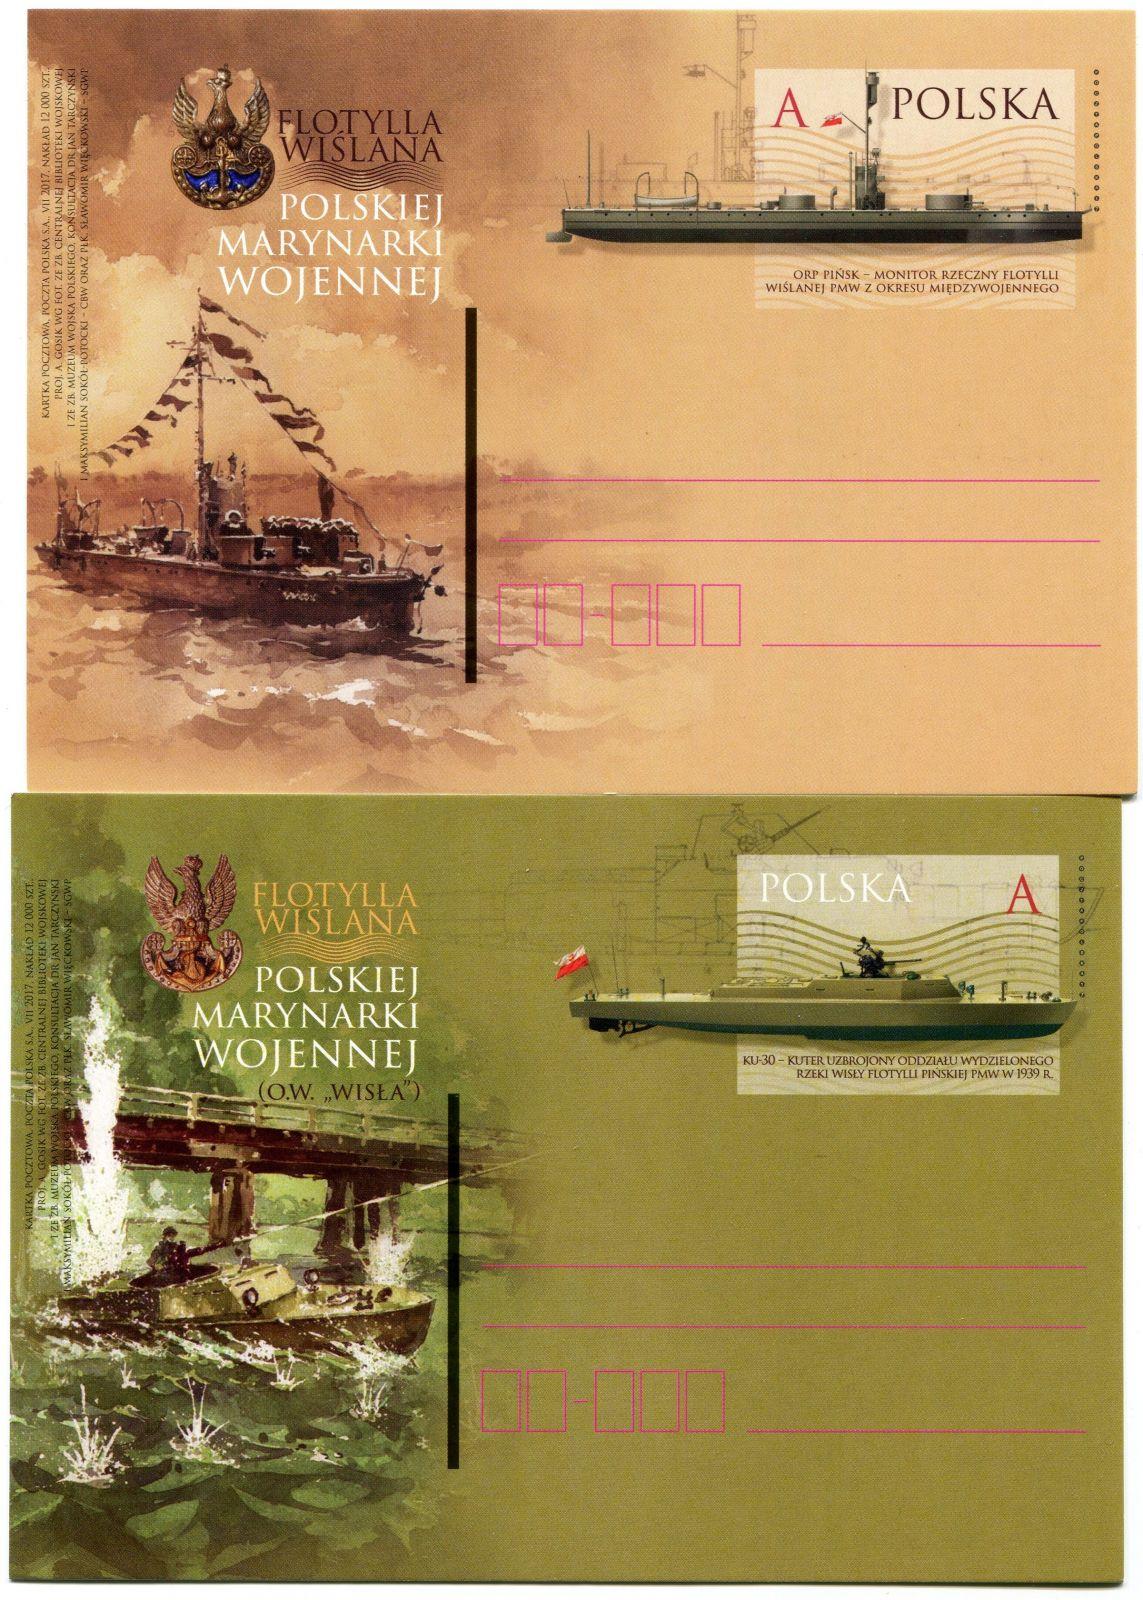 CPH vojenské námořnictvo